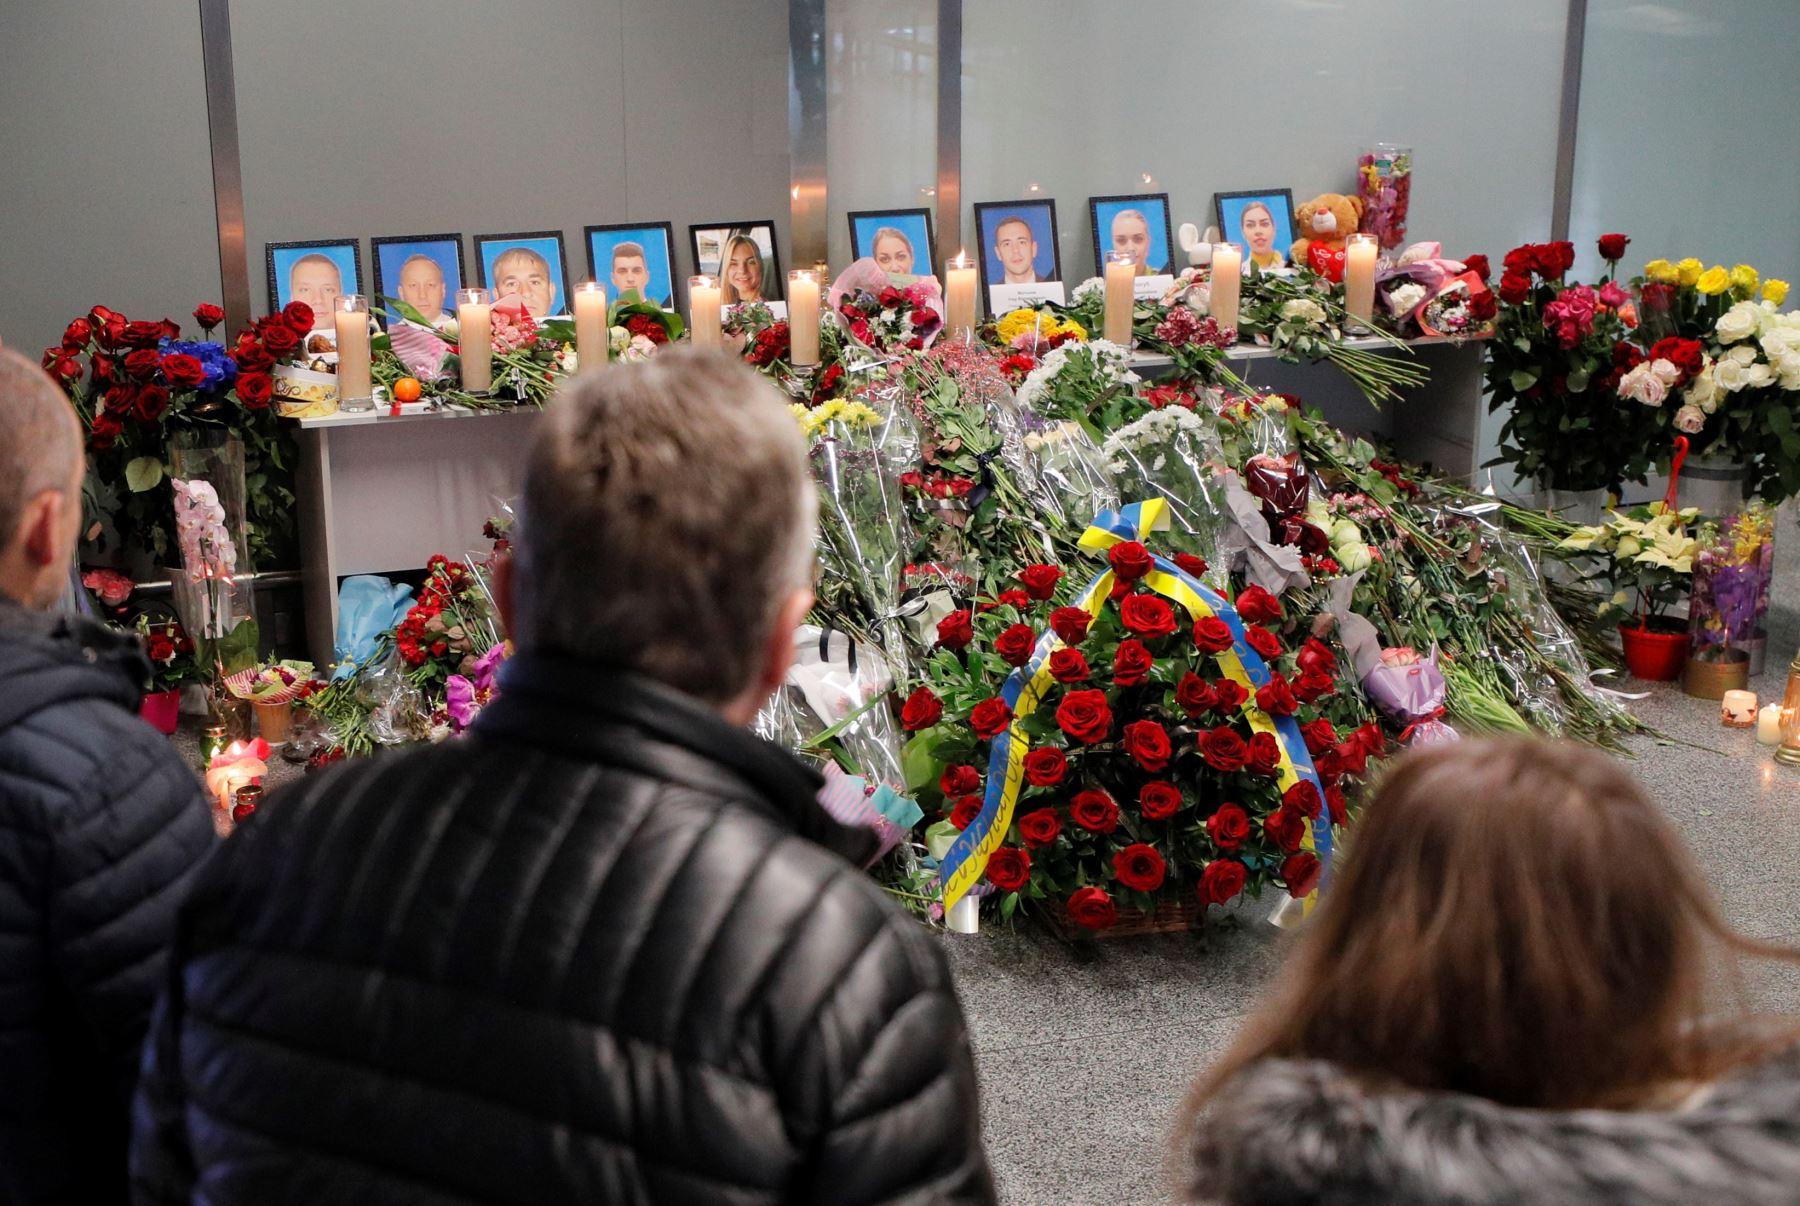 La gente rinde homenaje cerca de los retratos de los miembros de la tripulación del vuelo PS752 de Ukraine International Airlines en el aeropuerto internacional de Boryspil en Kiev, Ucrania. Foto: EFE